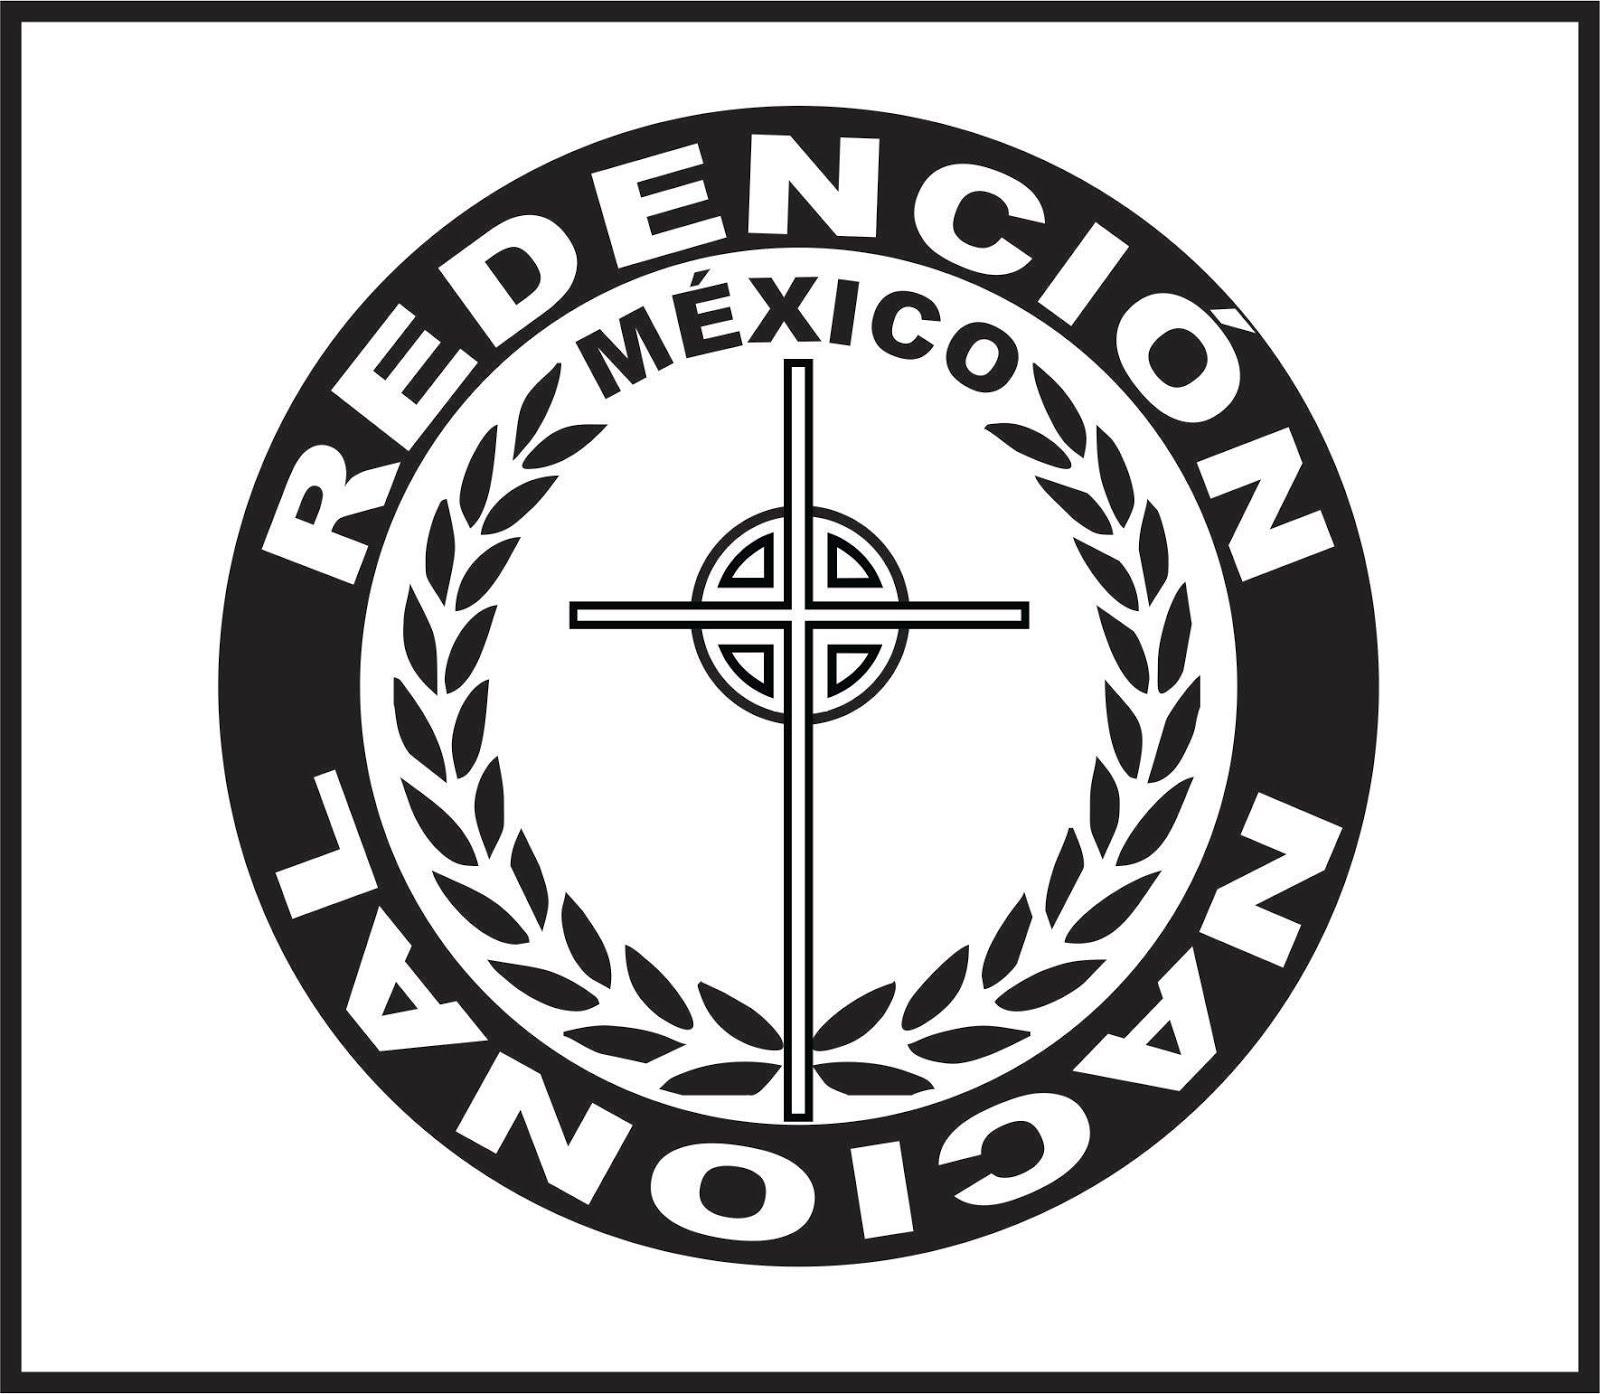 REDENCIÓN NACIONAL MÉXICO